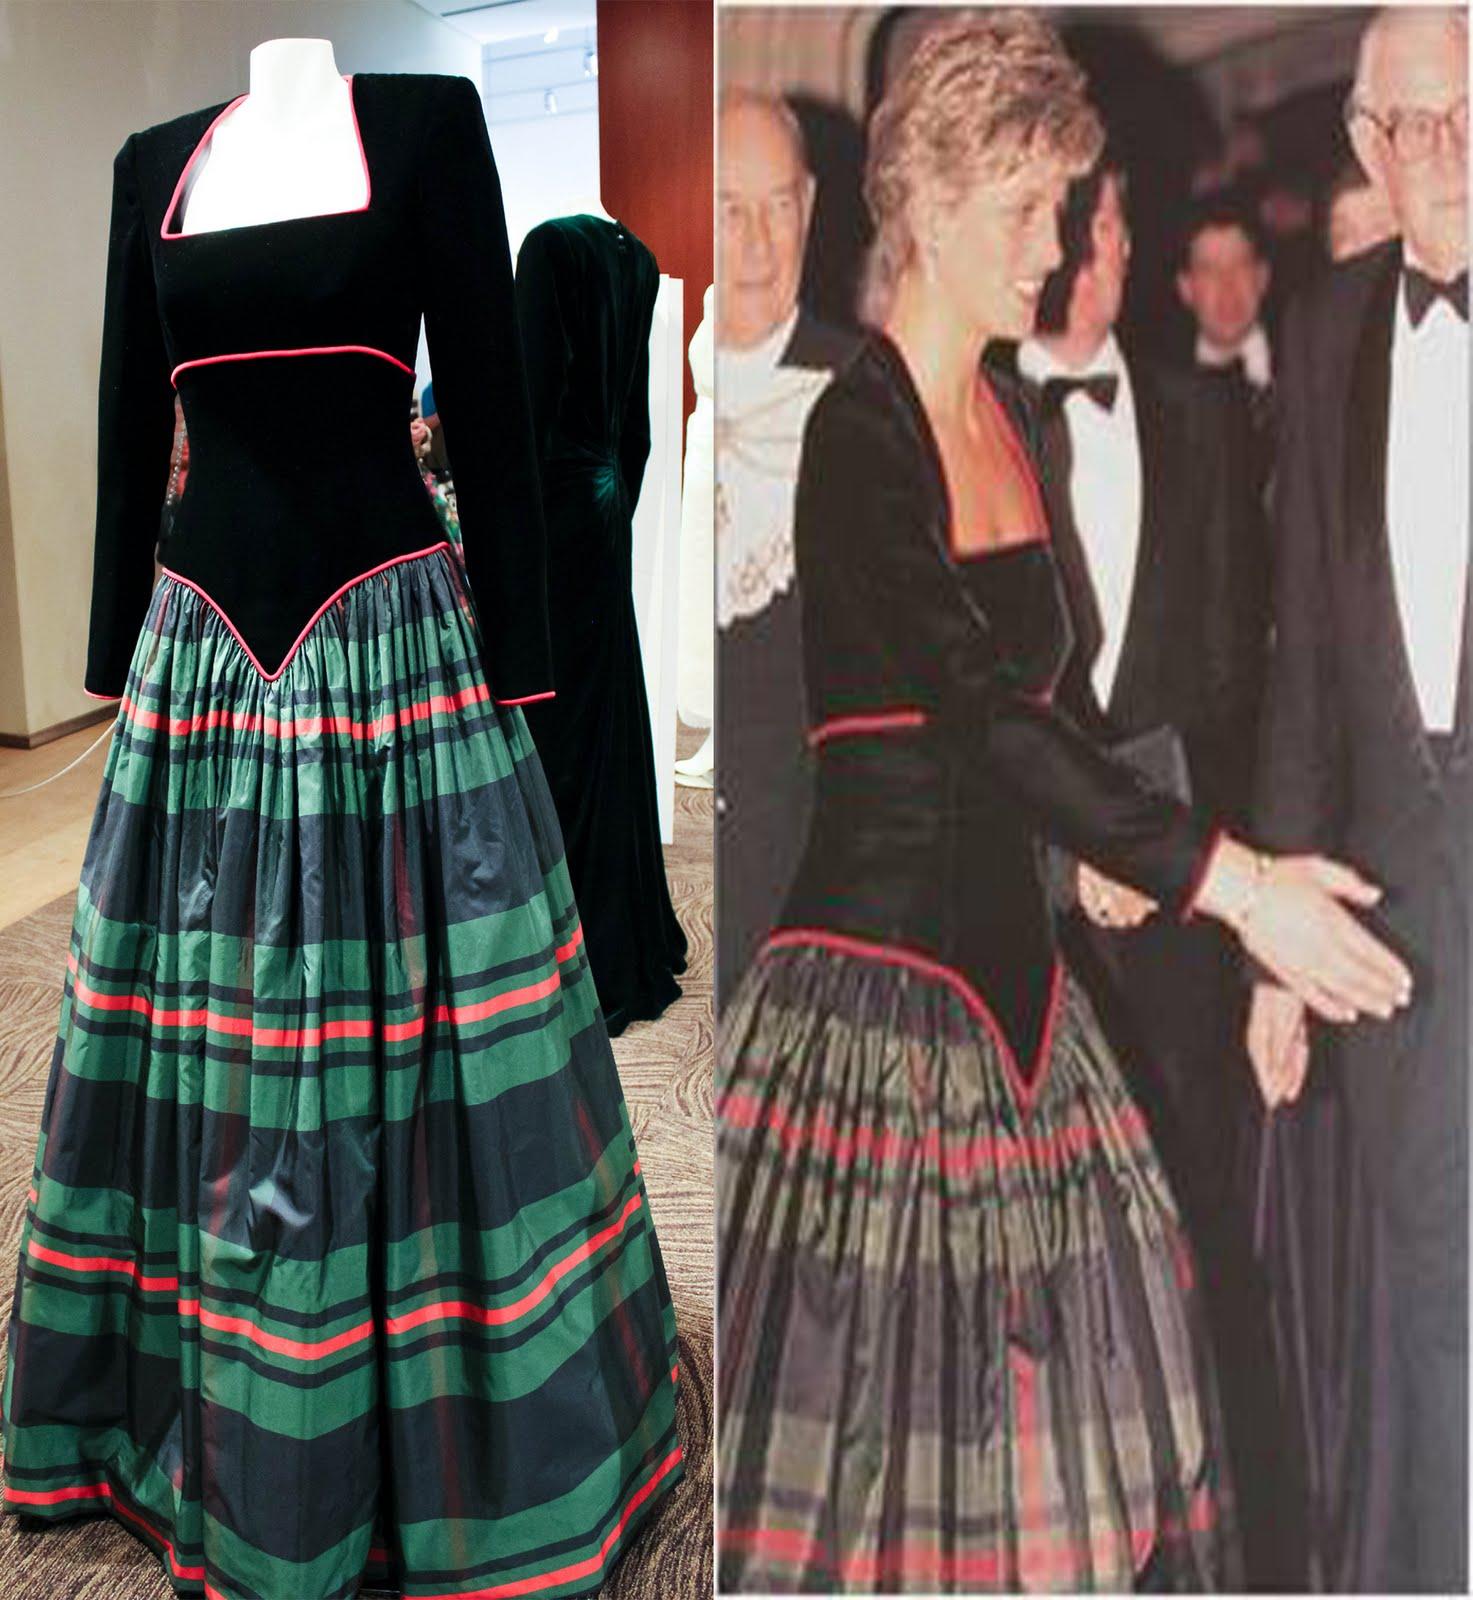 http://4.bp.blogspot.com/--WPcXOnruCc/TecxVbO21lI/AAAAAAAAAJo/0sj_t5bLsCI/s1600/princess+diana+scottish+dress.jpg